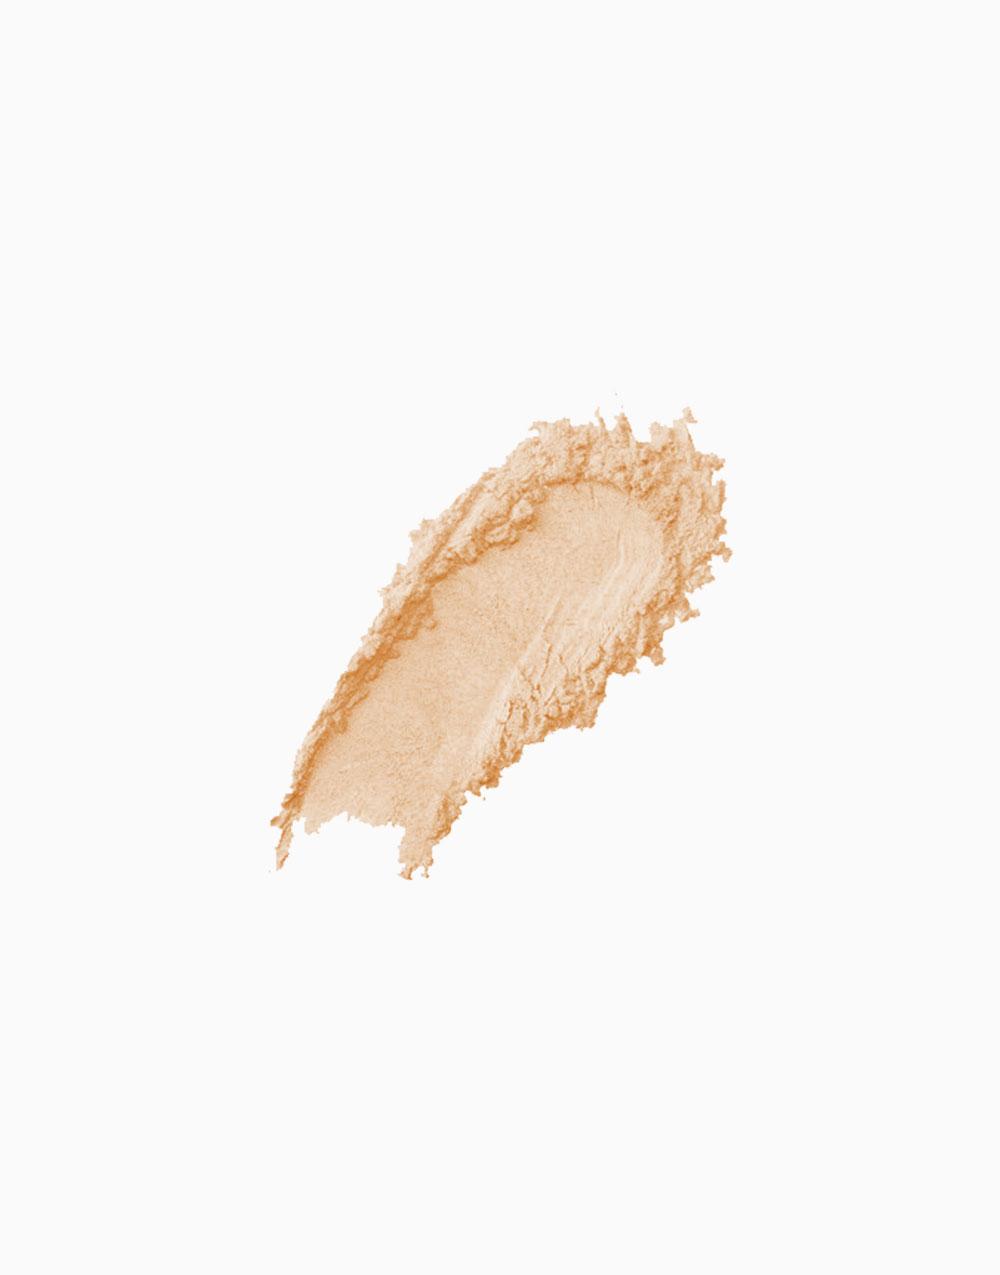 Natural Make-Up Powder by 3W Clinic | No. 23